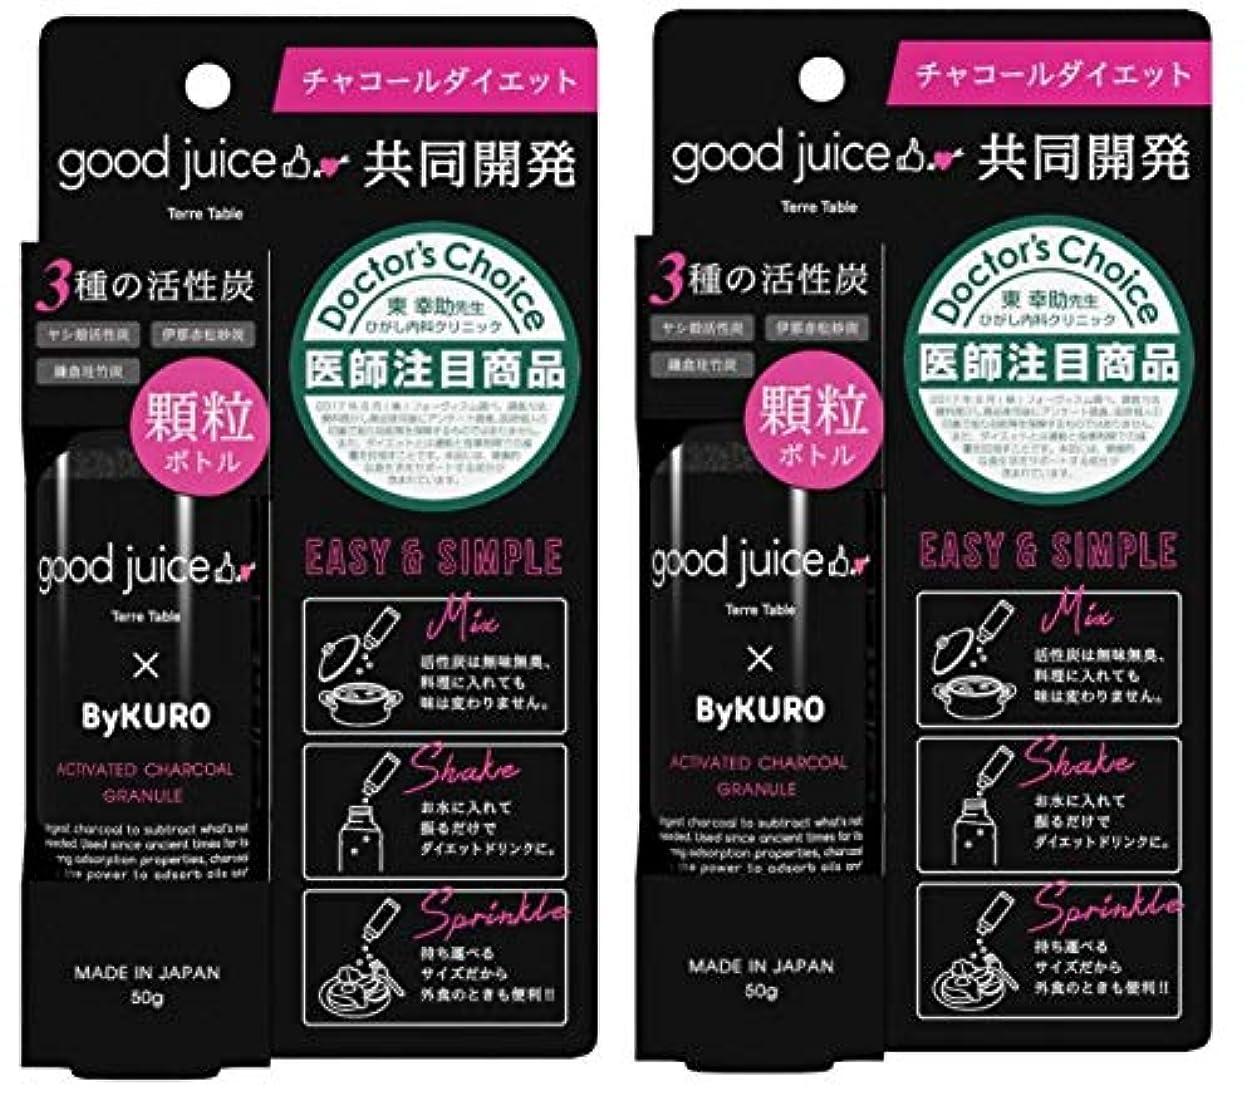 会話型レンダーさせる2個セット ByKURO(バイクロ) チャコールダイエット 顆粒G 50g